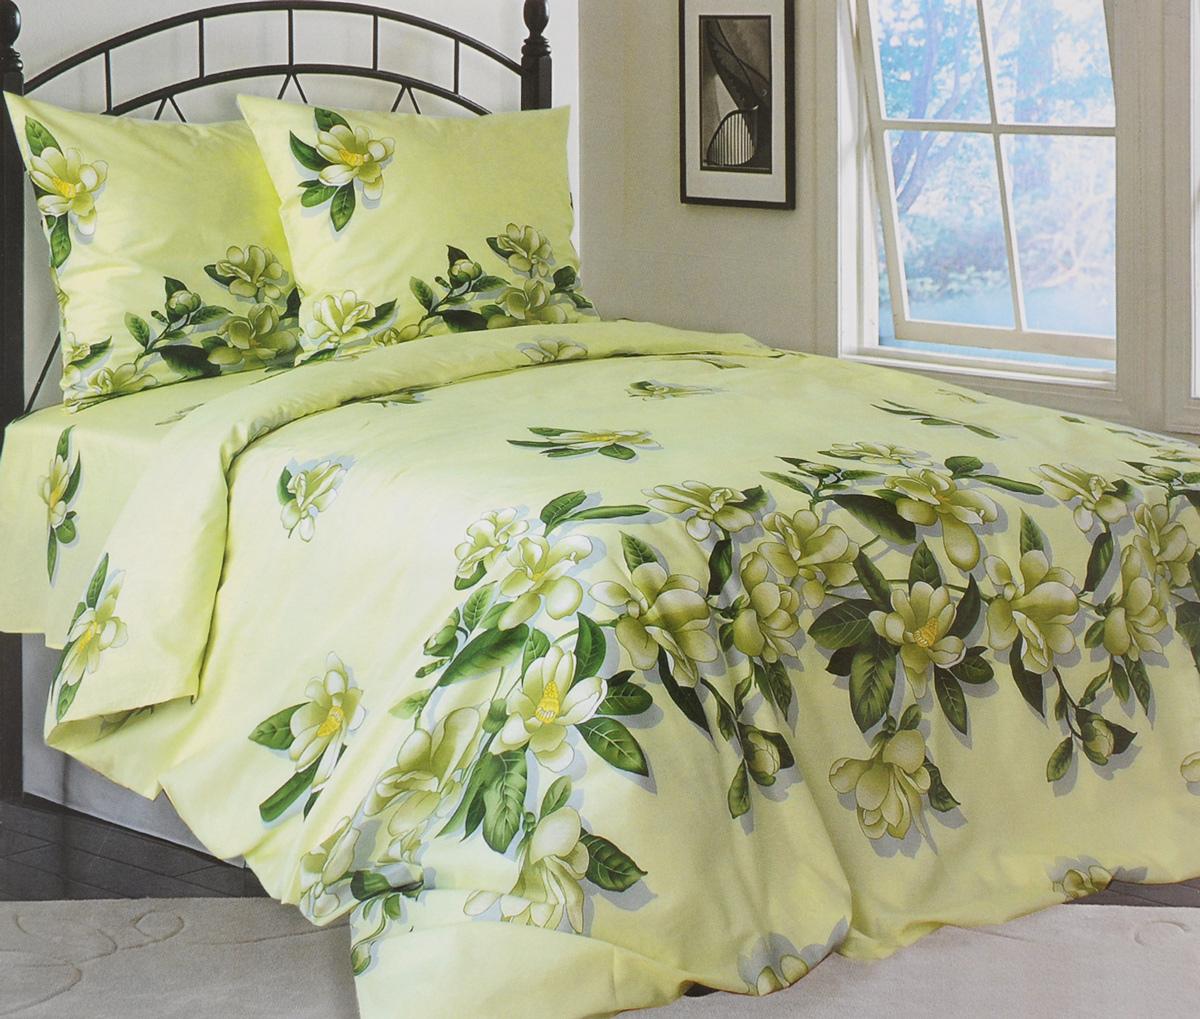 Комплект белья Катюша Юнона, 1,5-спальный, наволочки 70х70, цвет: зеленый, серый, желтыйC-129/4553Роскошный комплект белья Катюша Юнона, выполненный из бязи (100% натурального хлопка), состоит из пододеяльника, простыни и двух наволочек. Постельное белье оформлено изображением цветов и имеет изысканный внешний вид. Бязь - это ткань полотняного переплетения, изготовленная из экологически чистого и натурального 100% хлопка. Она приятная на ощупь, при этом очень прочная, хорошо сохраняет форму и легко гладится. Ткань прекрасно пропускает воздух и за ней легко ухаживать. Приобретая комплект постельного белья Катюша Юнона, вы можете быть уверенны в том, что покупка доставит вам и вашим близким удовольствие и подарит максимальный комфорт.